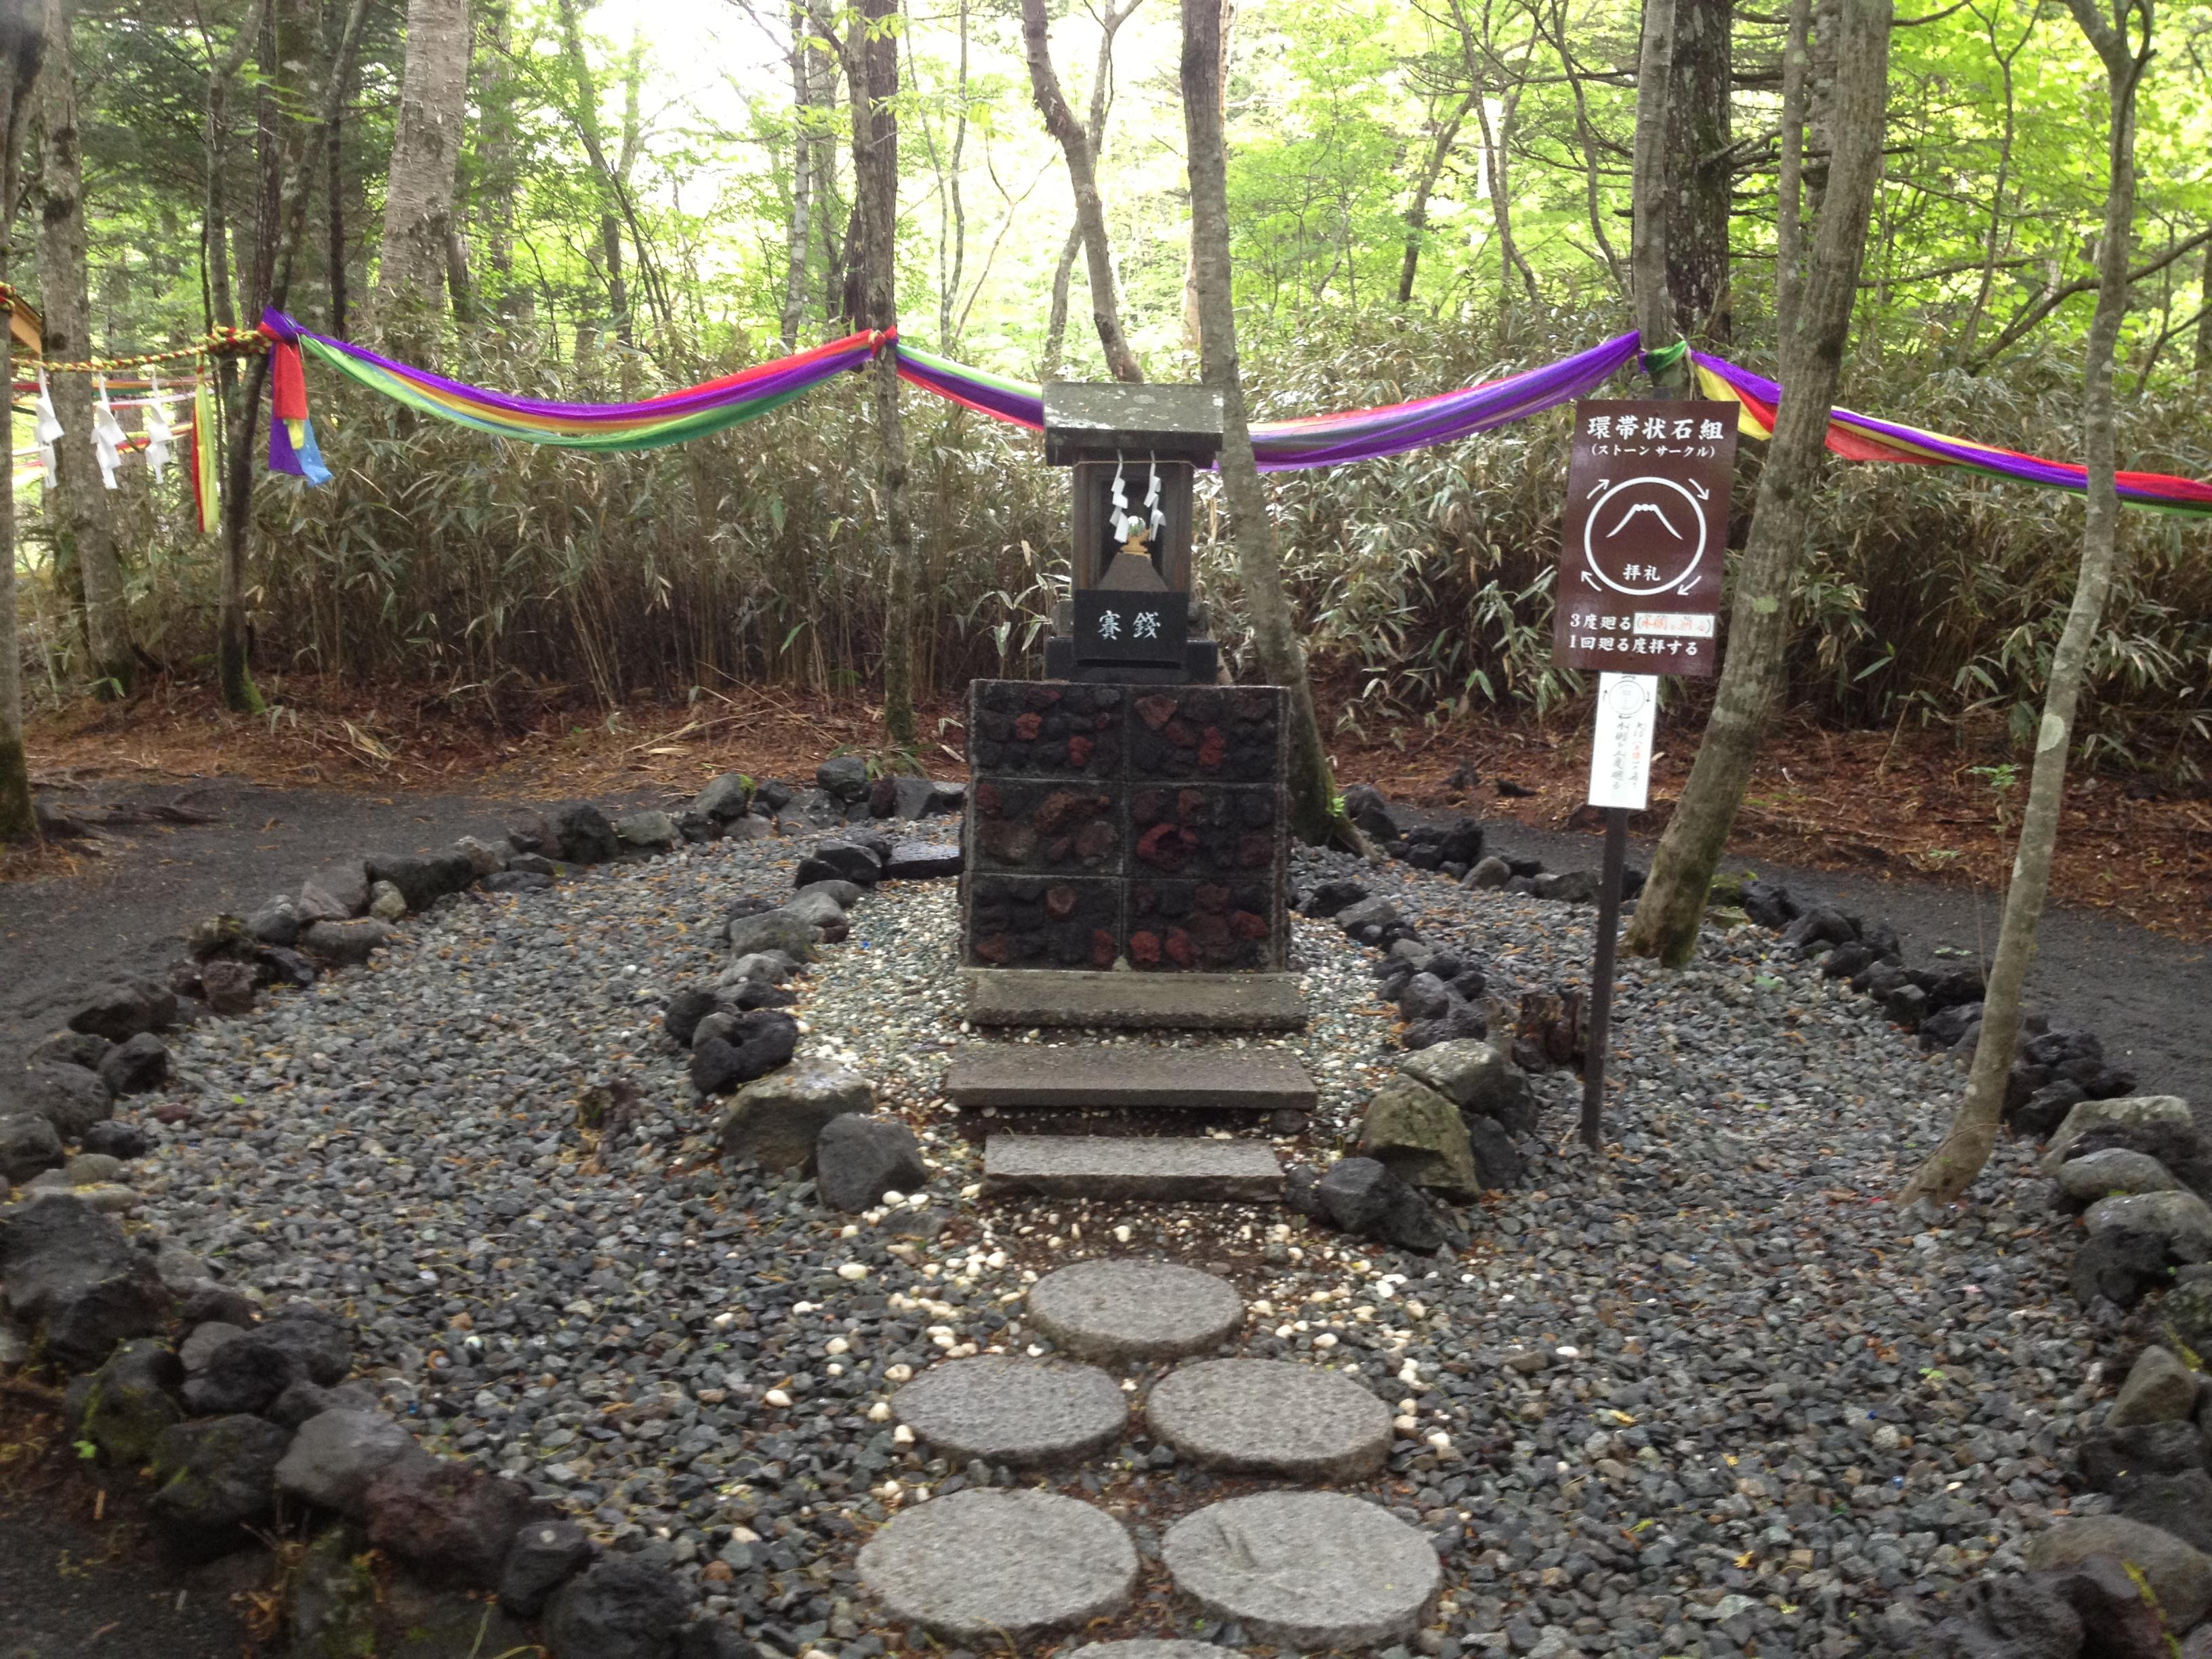 新狭山の美容室・美容院 act(アクト) » 新屋山神社